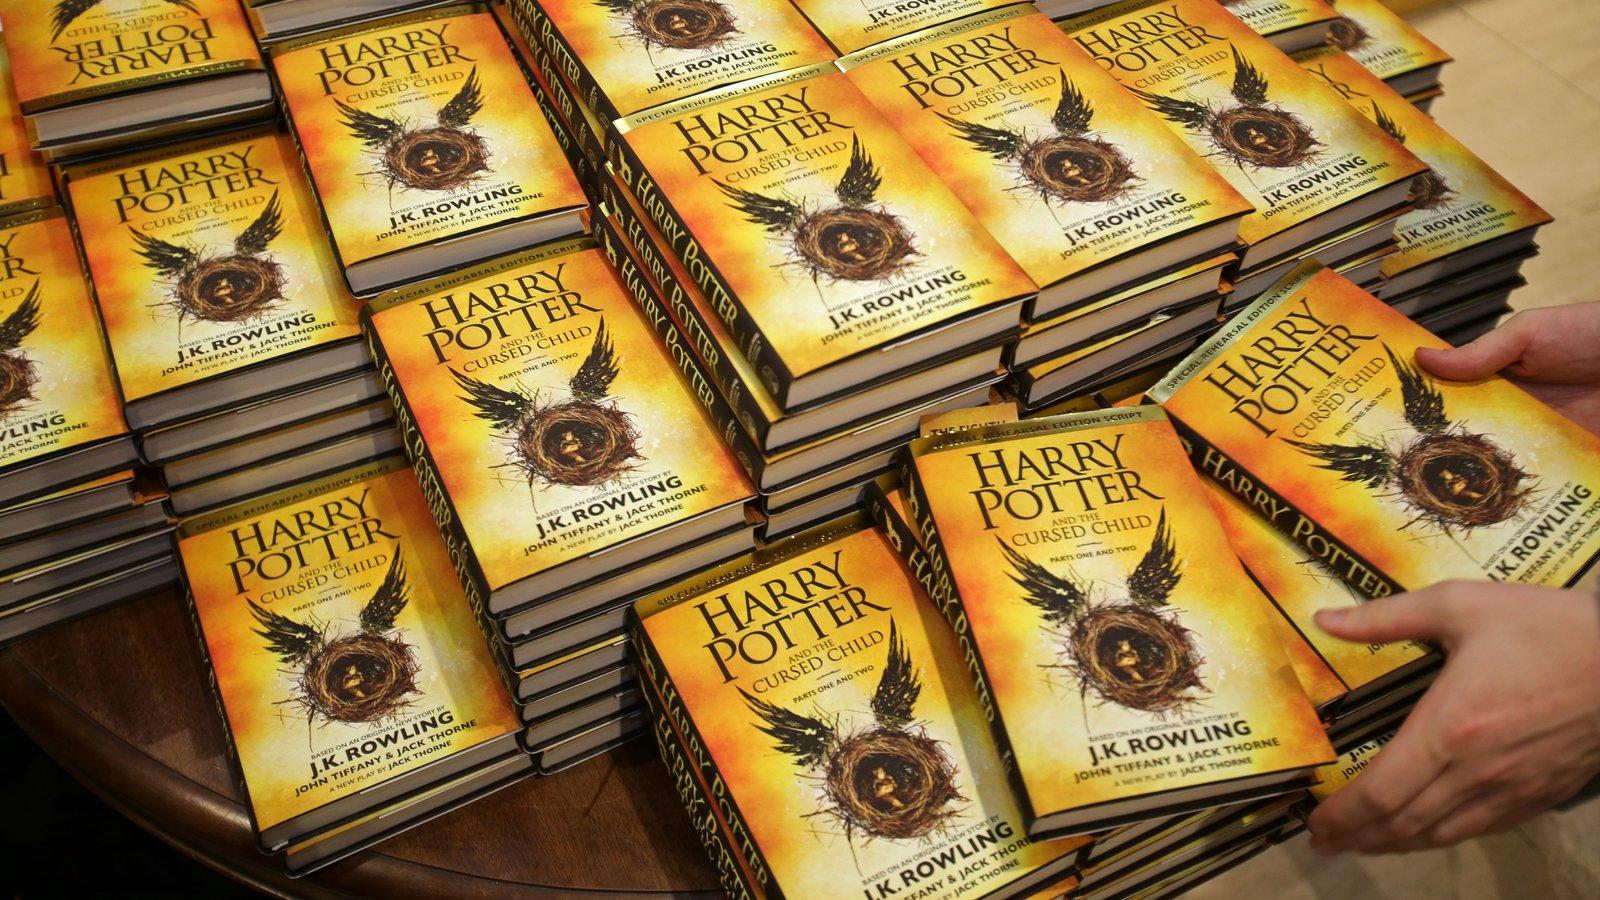 Empleados de la editorial de J.K. Rowling se niegan a trabajar en su próximo libro por sus mensajes transfóbicos